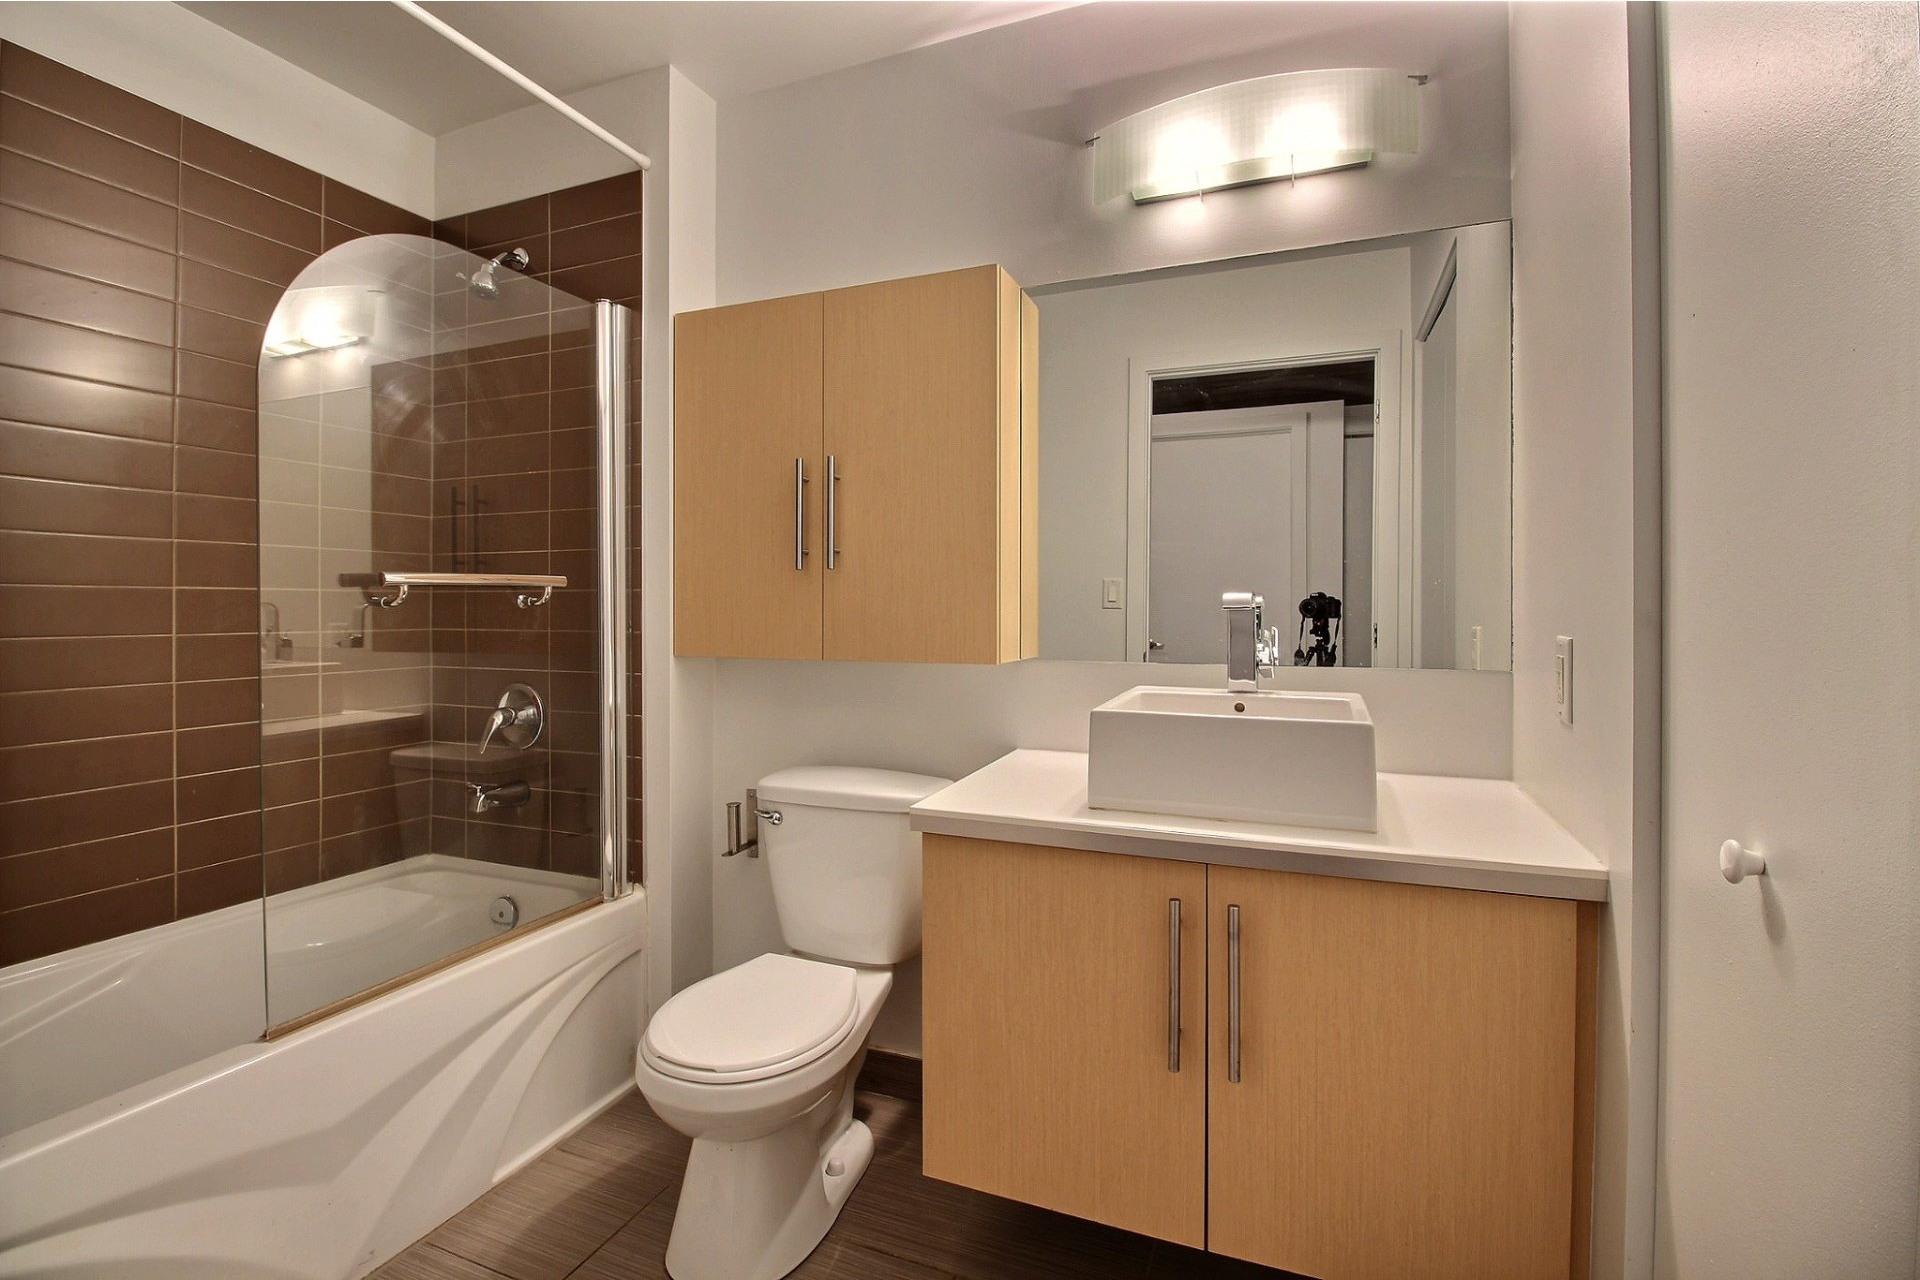 image 10 - Appartement À louer Mercier/Hochelaga-Maisonneuve Montréal  - 6 pièces